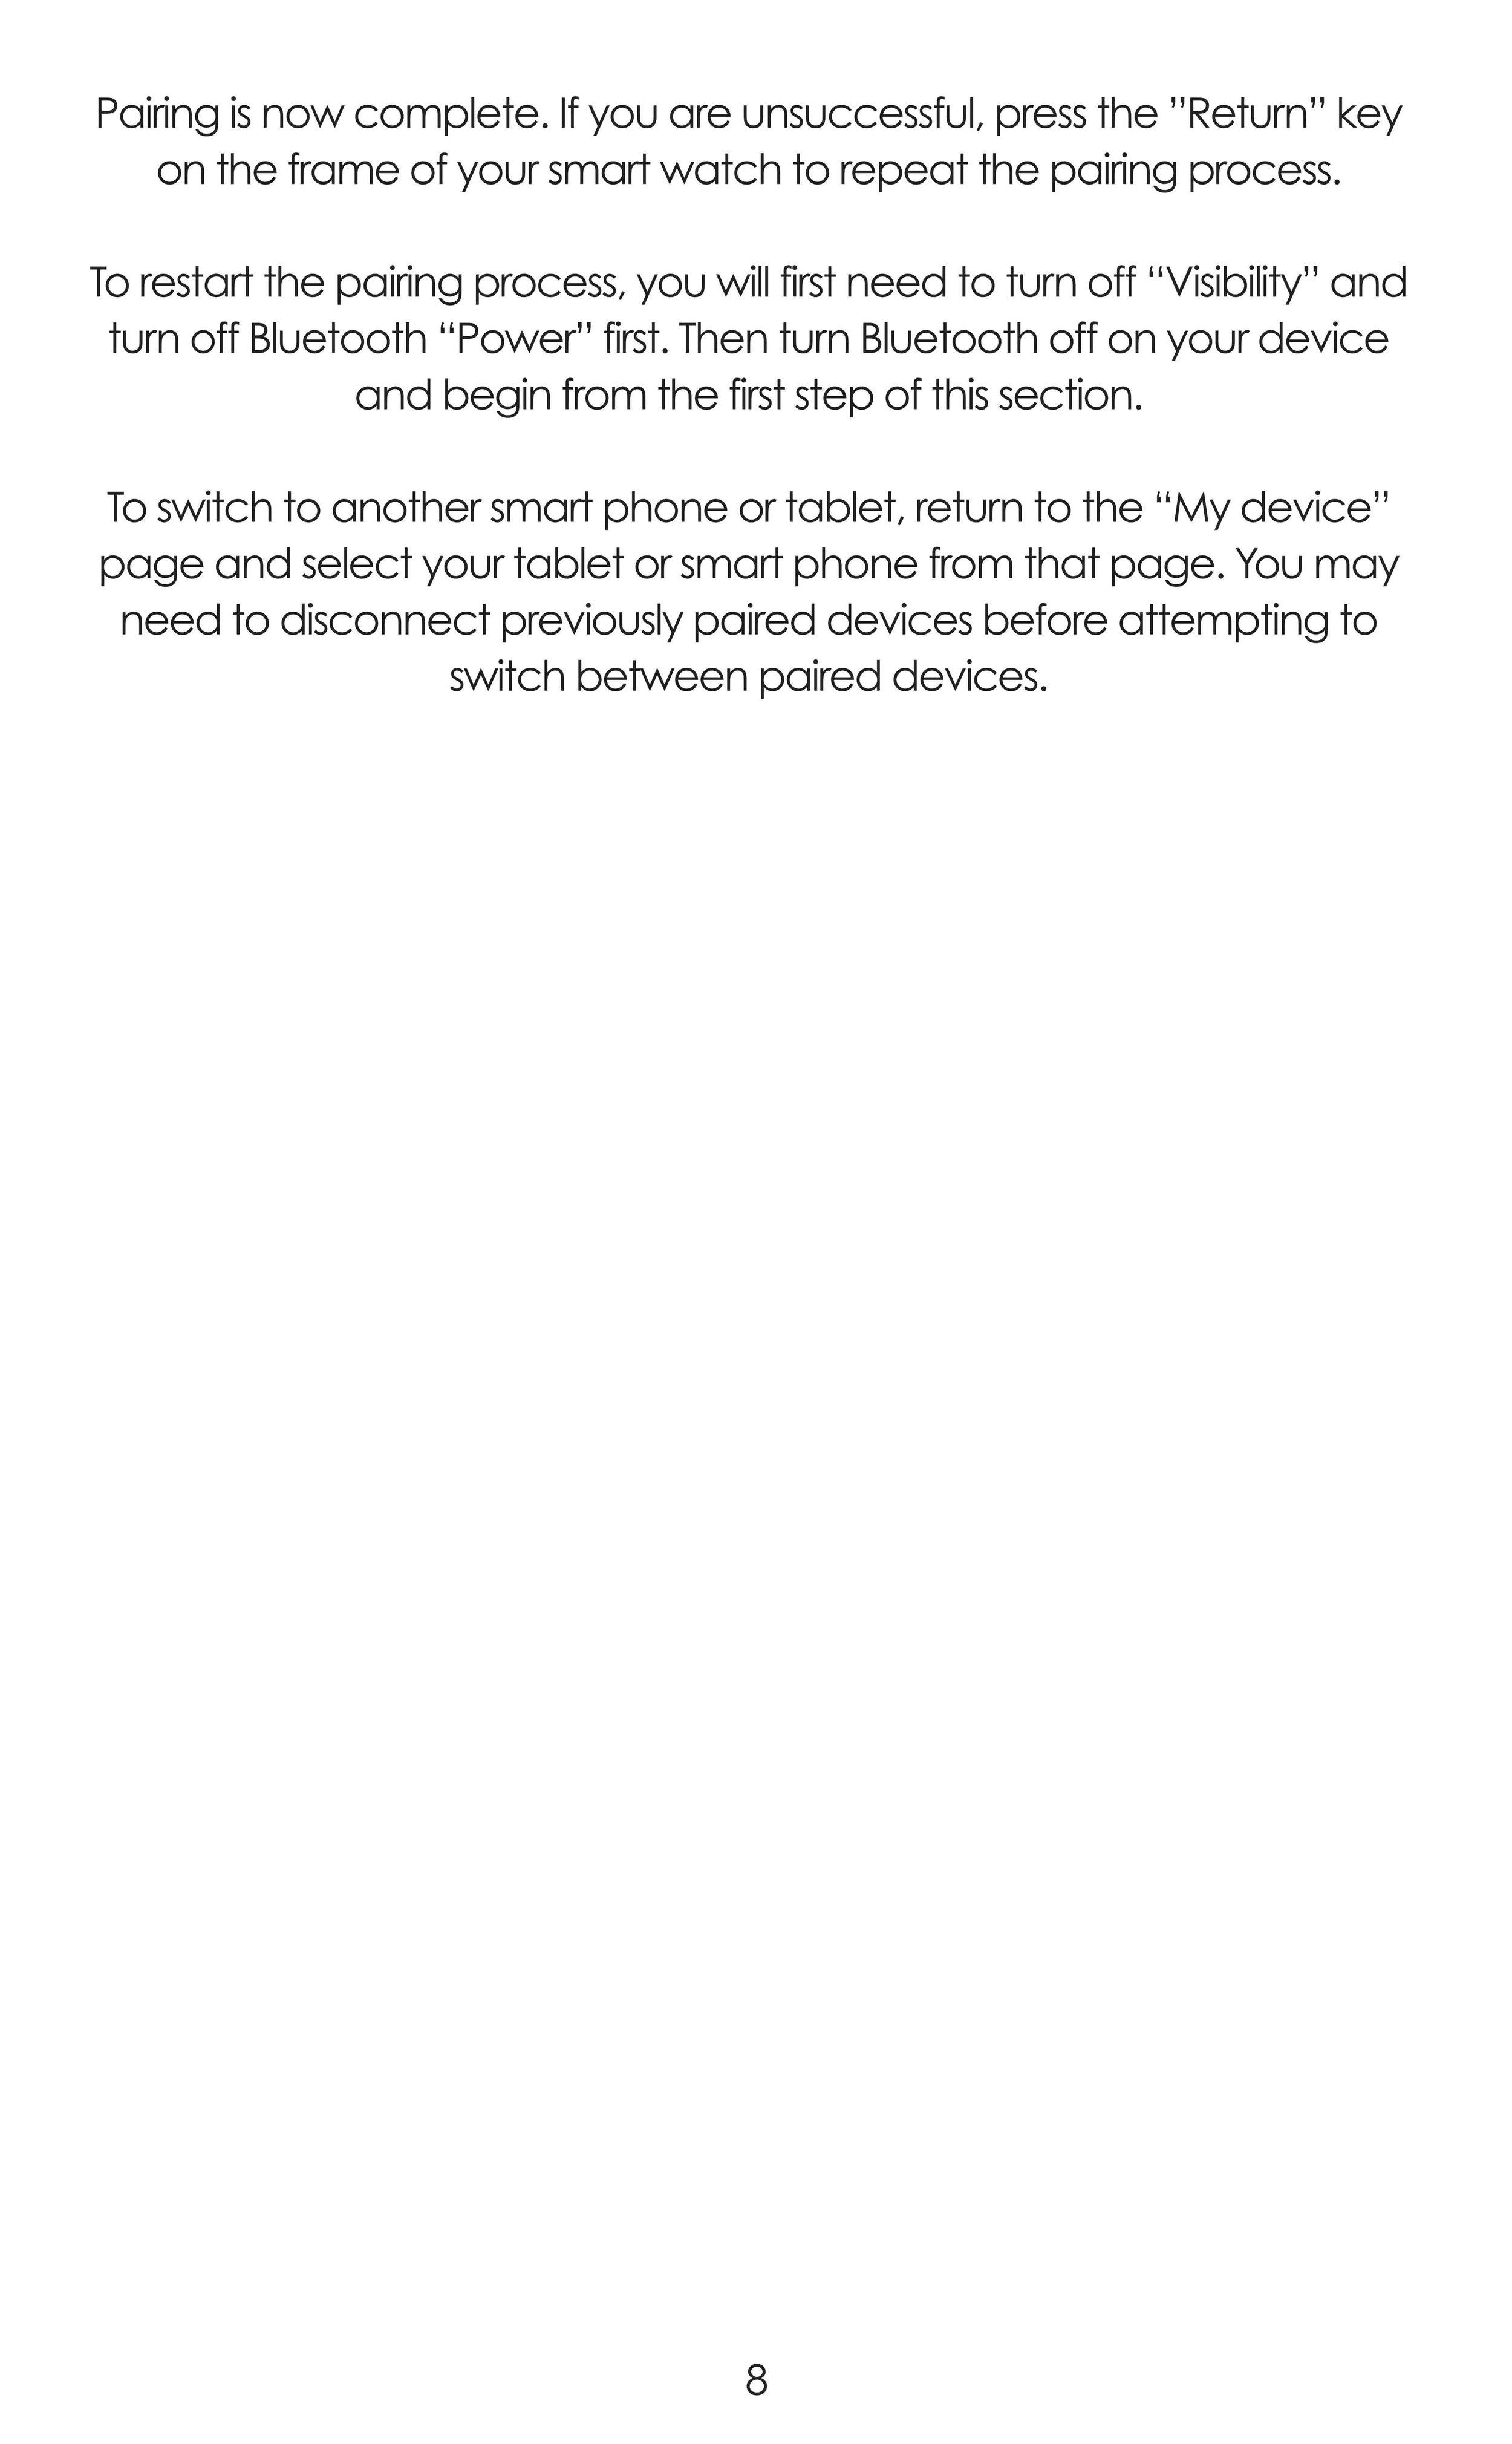 HY-WTCH-BT-Manual-Booklet-08262016-OL 9.jpg